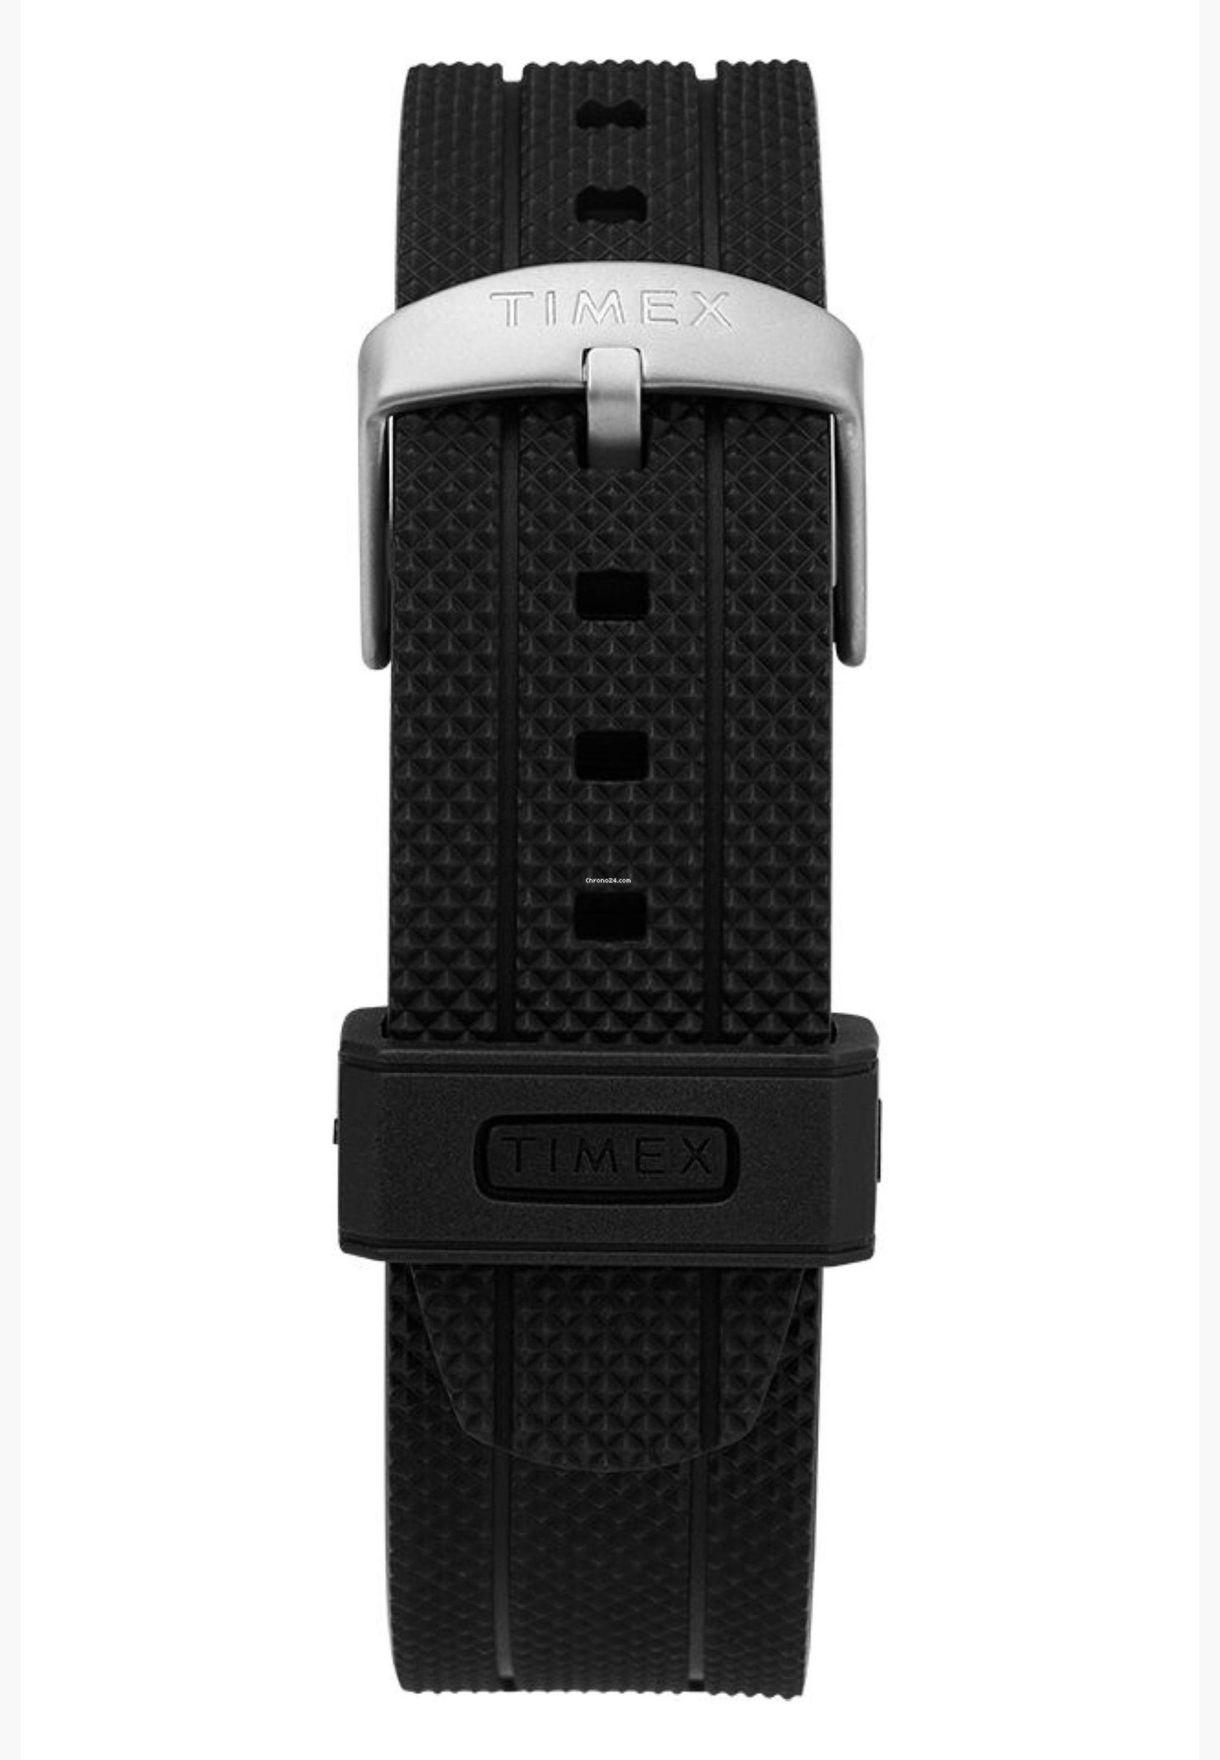 ساعة تيميكس ألايد كوستلاين بسوار سيليكون للرجال - TW2T30000